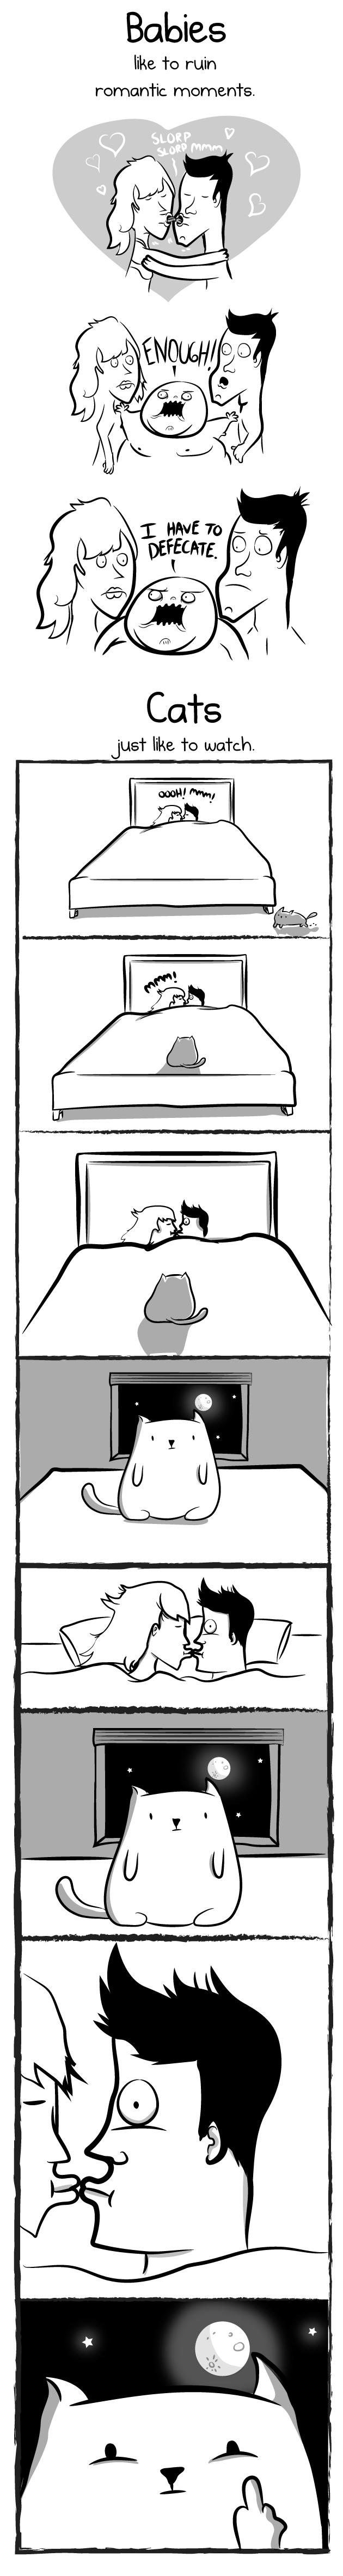 babies-vs-cat-06